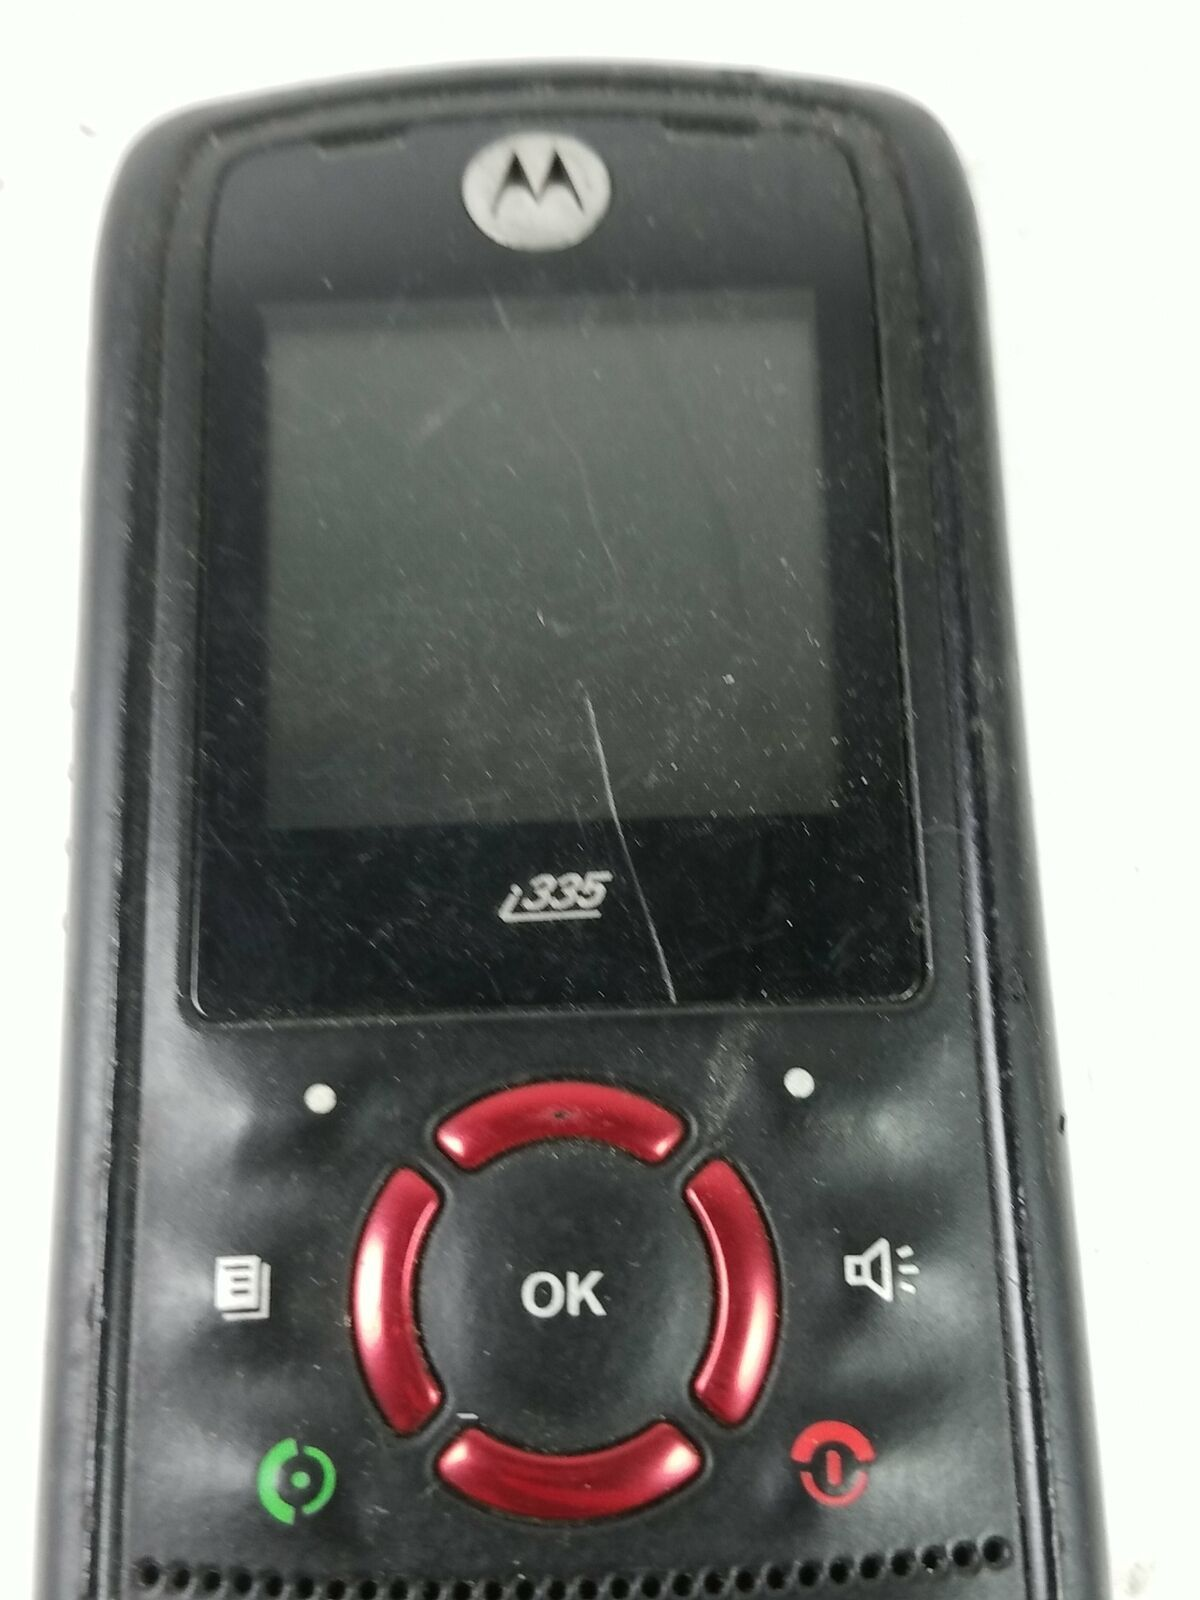 Motorola i335 Cell Phone image 2